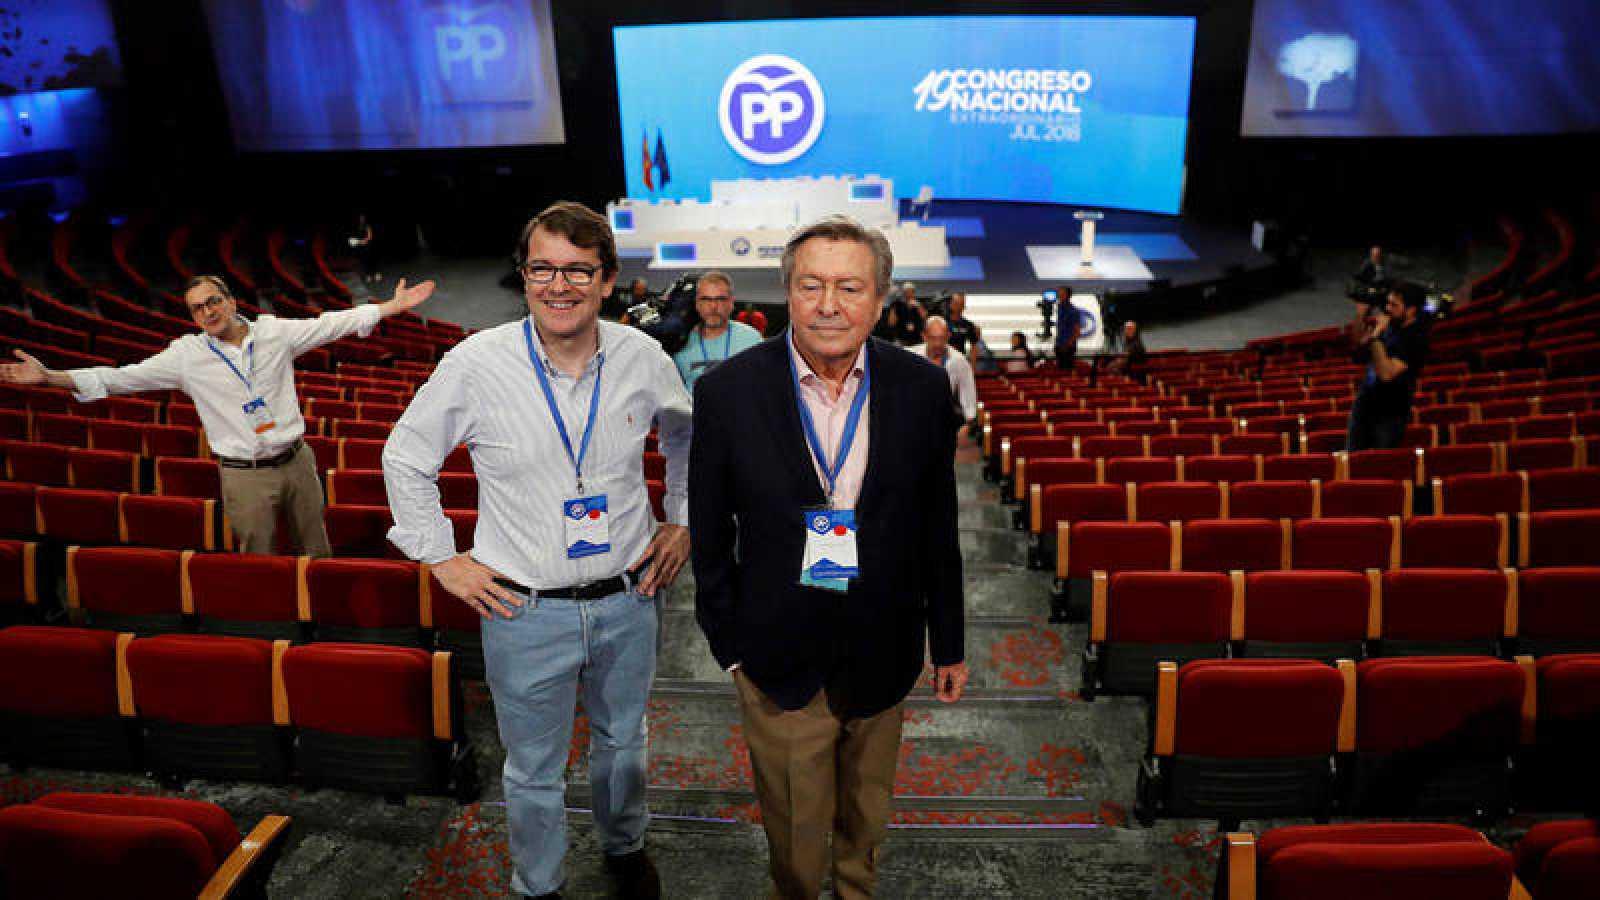 El presidente de la Comisión Organizadora, Luis de Grandes (c), en el auditorio donde se celebrará el Congreso del PP